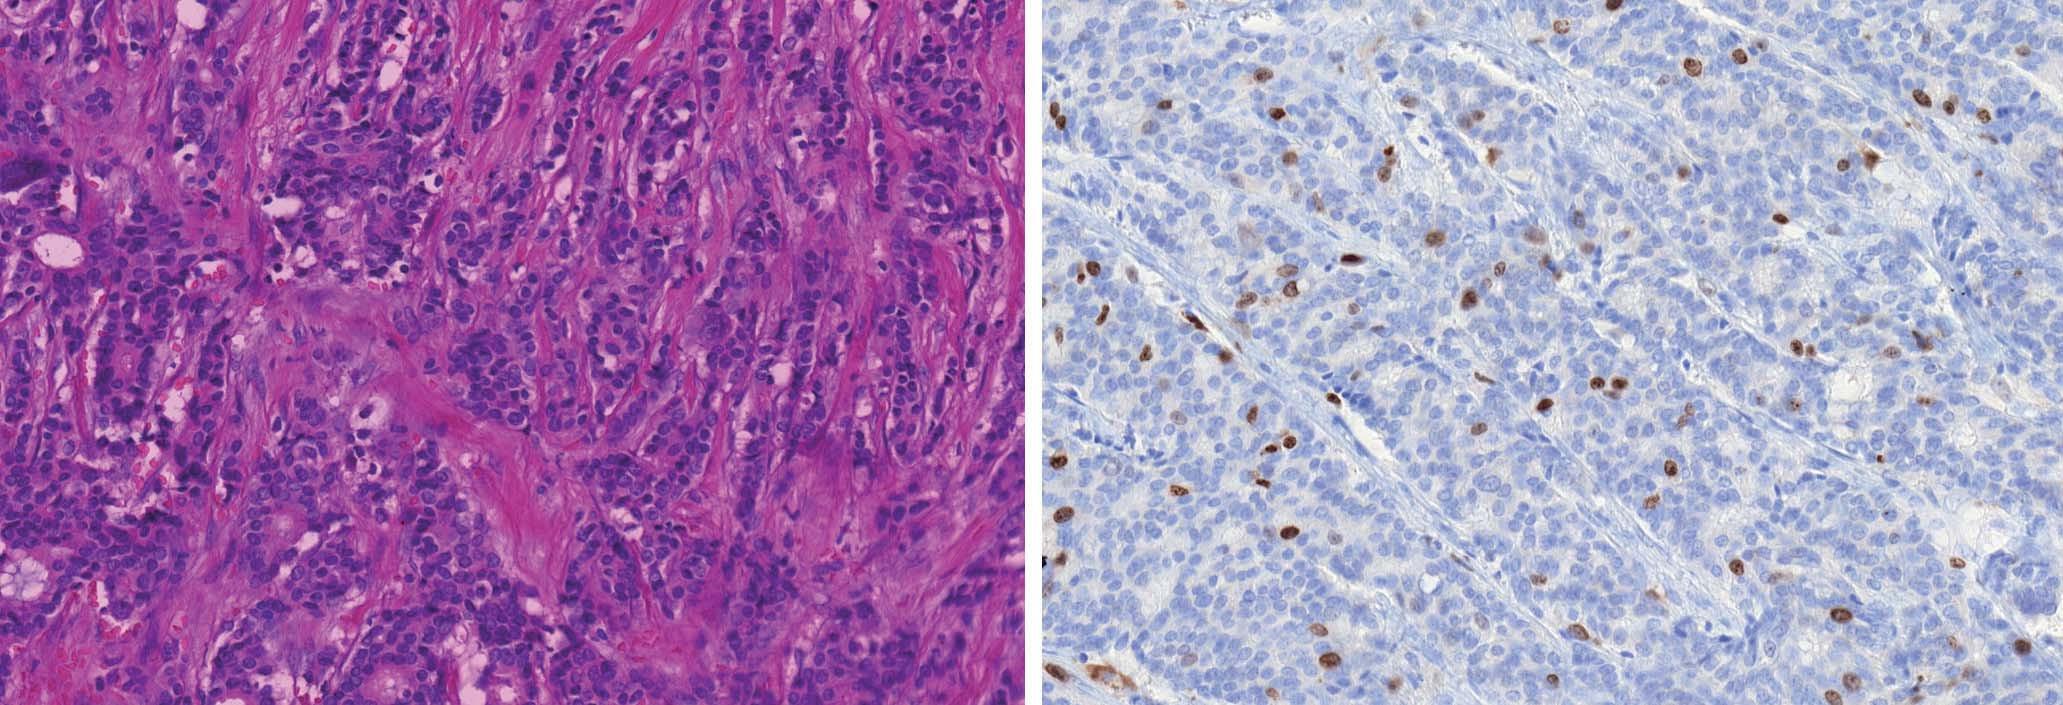 Grade 1 duktální karcinom (A). Luminální typ A charakterizuje pozitivní exprese ER/PR, nízká proliferační aktivita s MIB1 indexem ≤ 20 % (B), grade 1, a HER2/neu negativita.